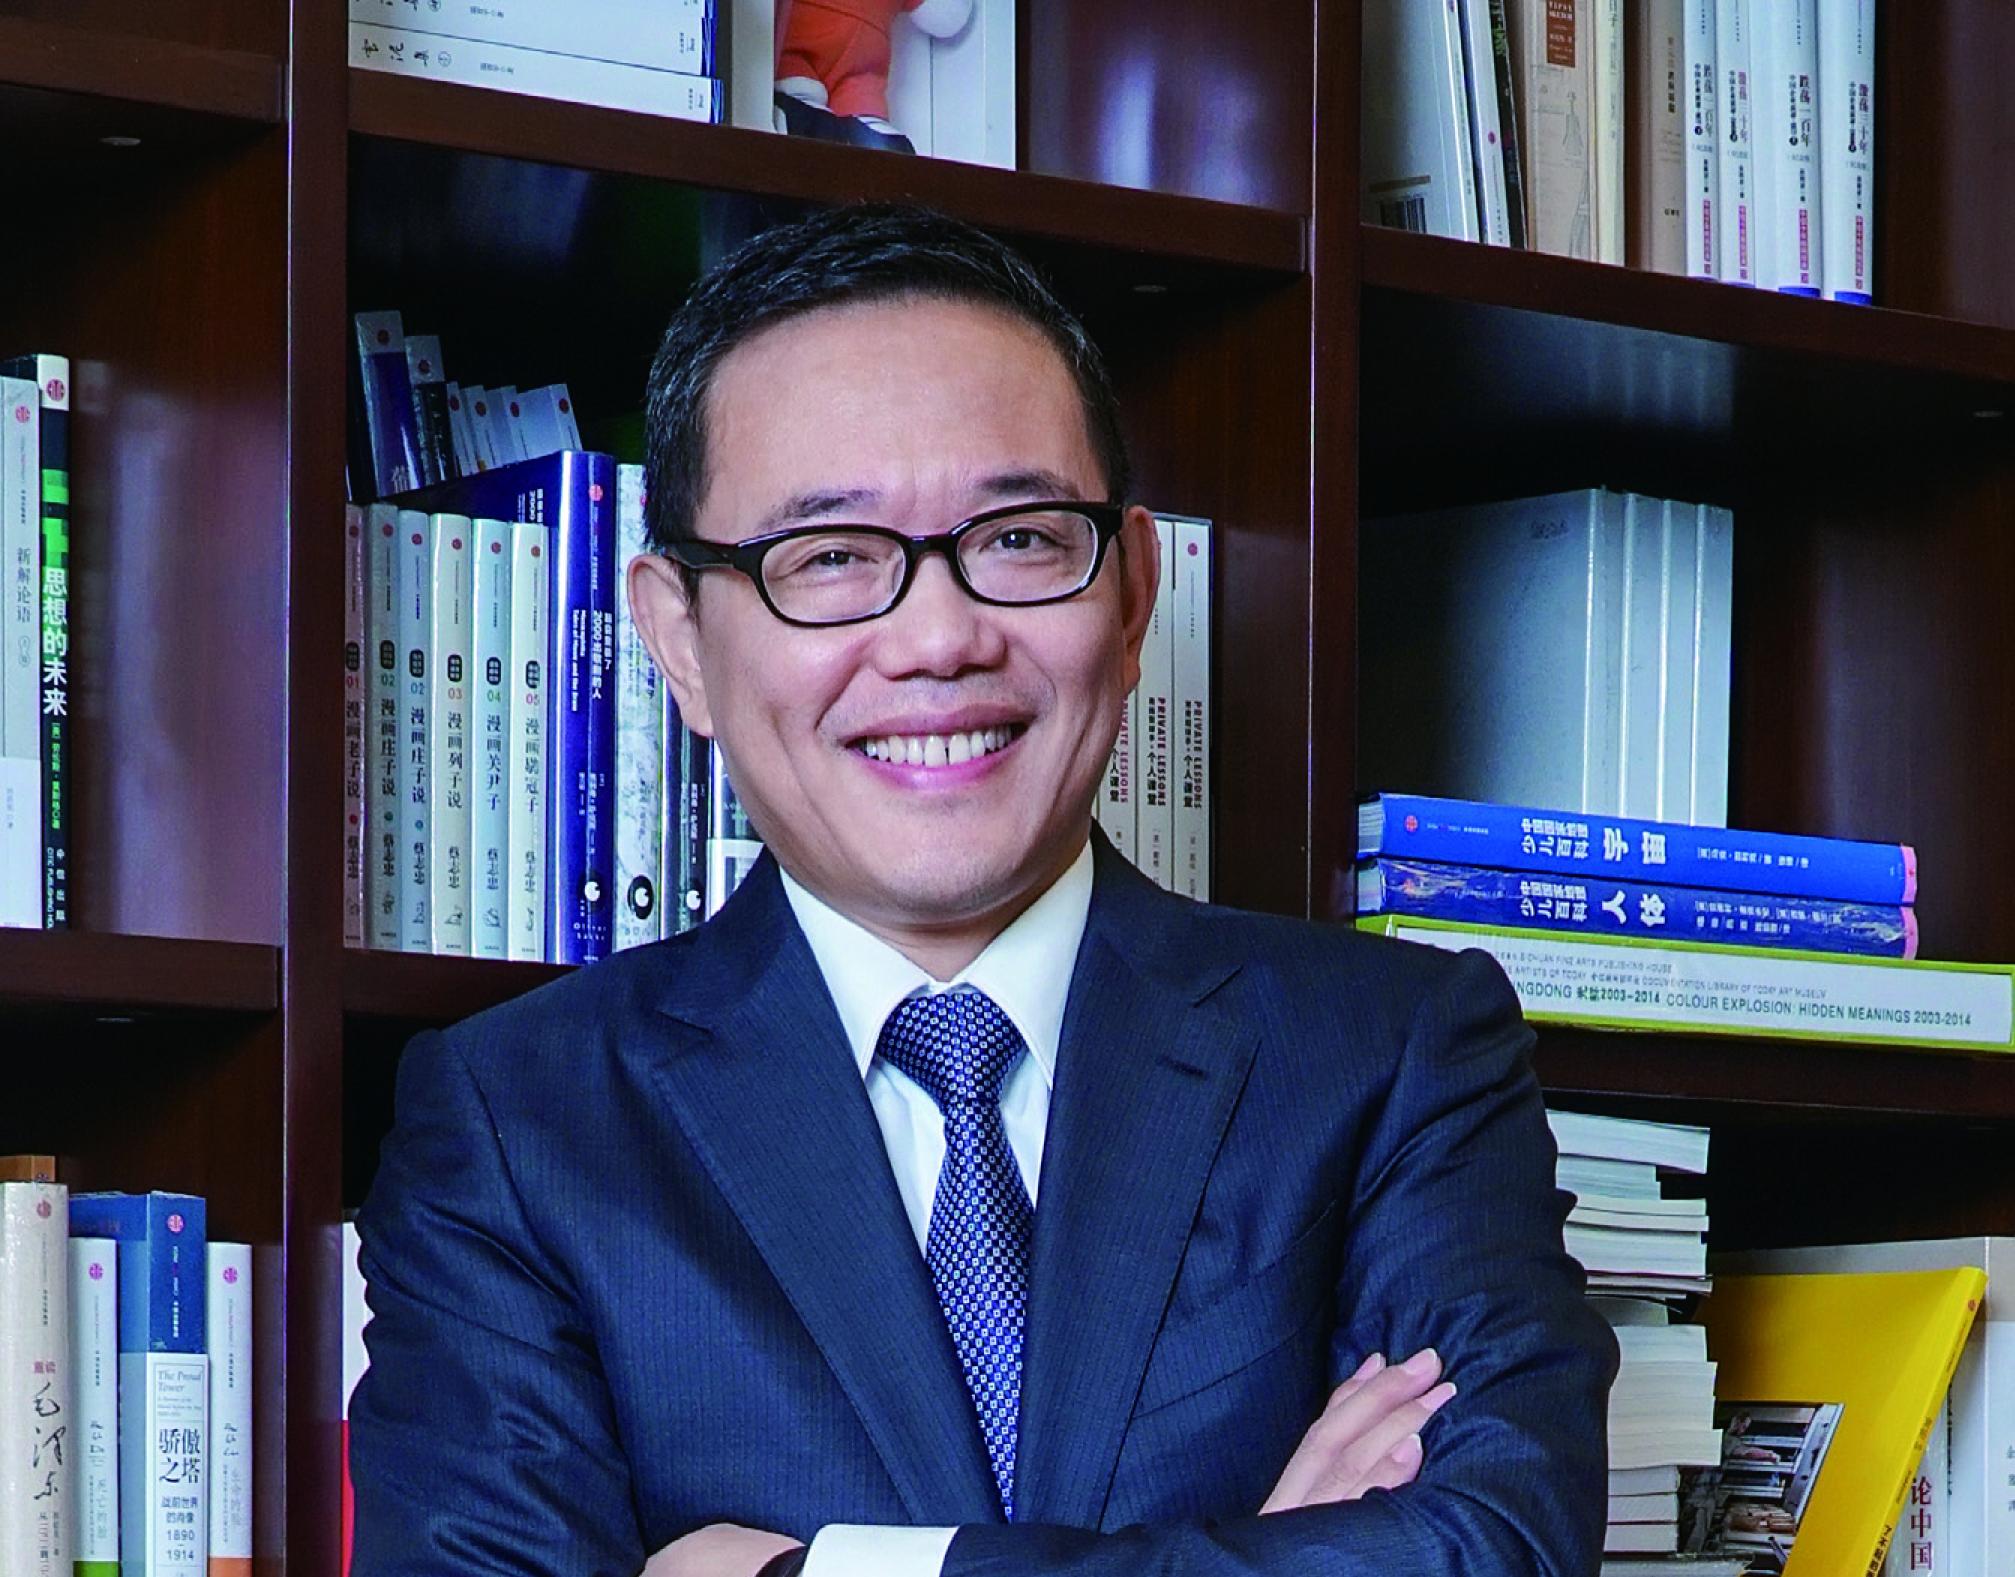 王斌:一把手的责任就是要把企业带向新高度